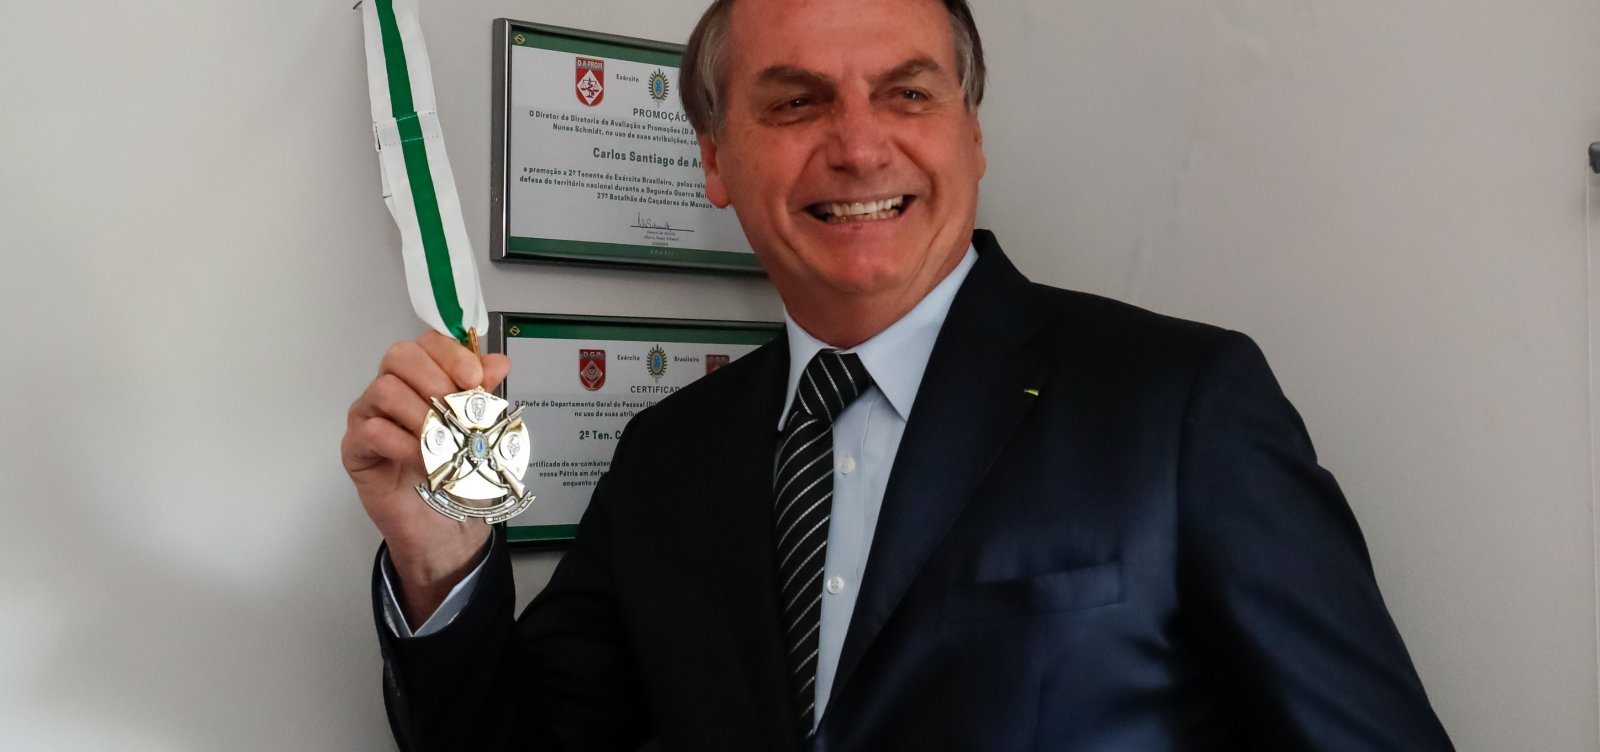 [Um dia após Bolsonaro não viajar a SSA 'por recomendação médica', agenda hoje tem idas para Rio e Palmas]